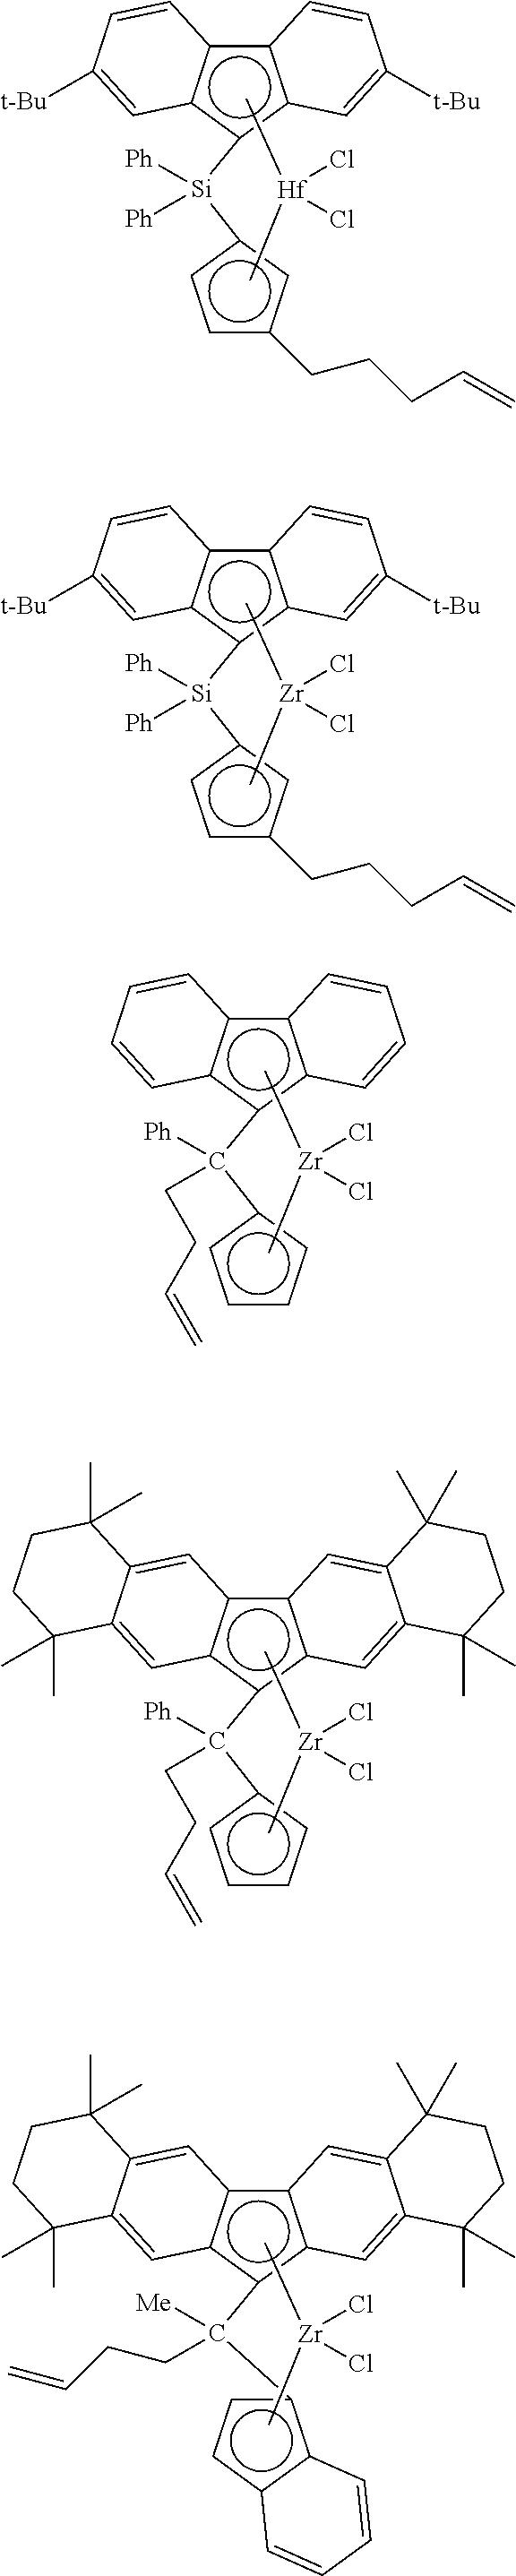 Figure US09650459-20170516-C00007